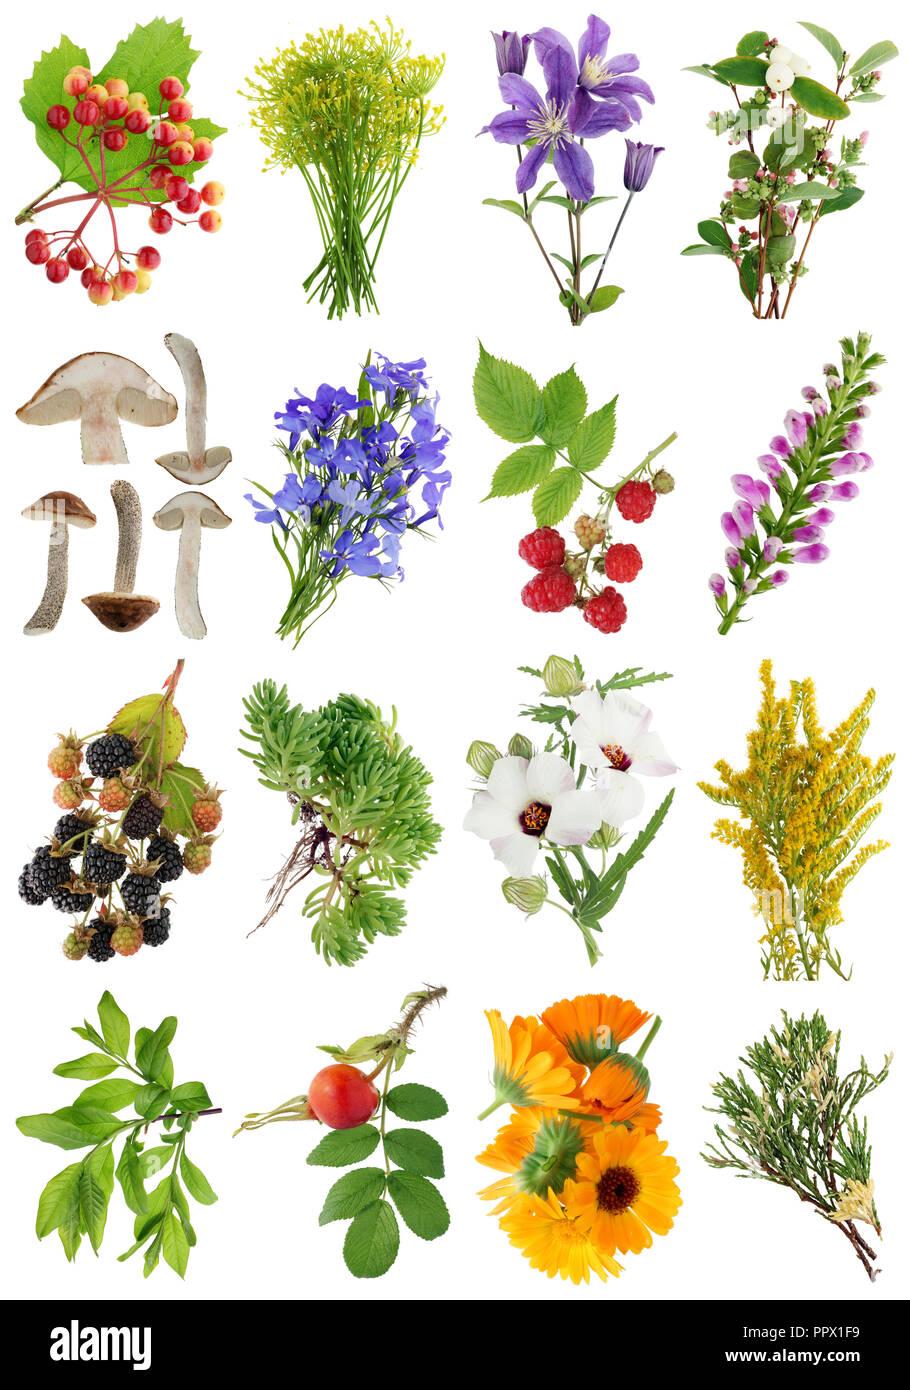 Beliebt Bevorzugt August Sommer europäische Pflanzen und Blumen 1 1. Auf weissem #UL_63